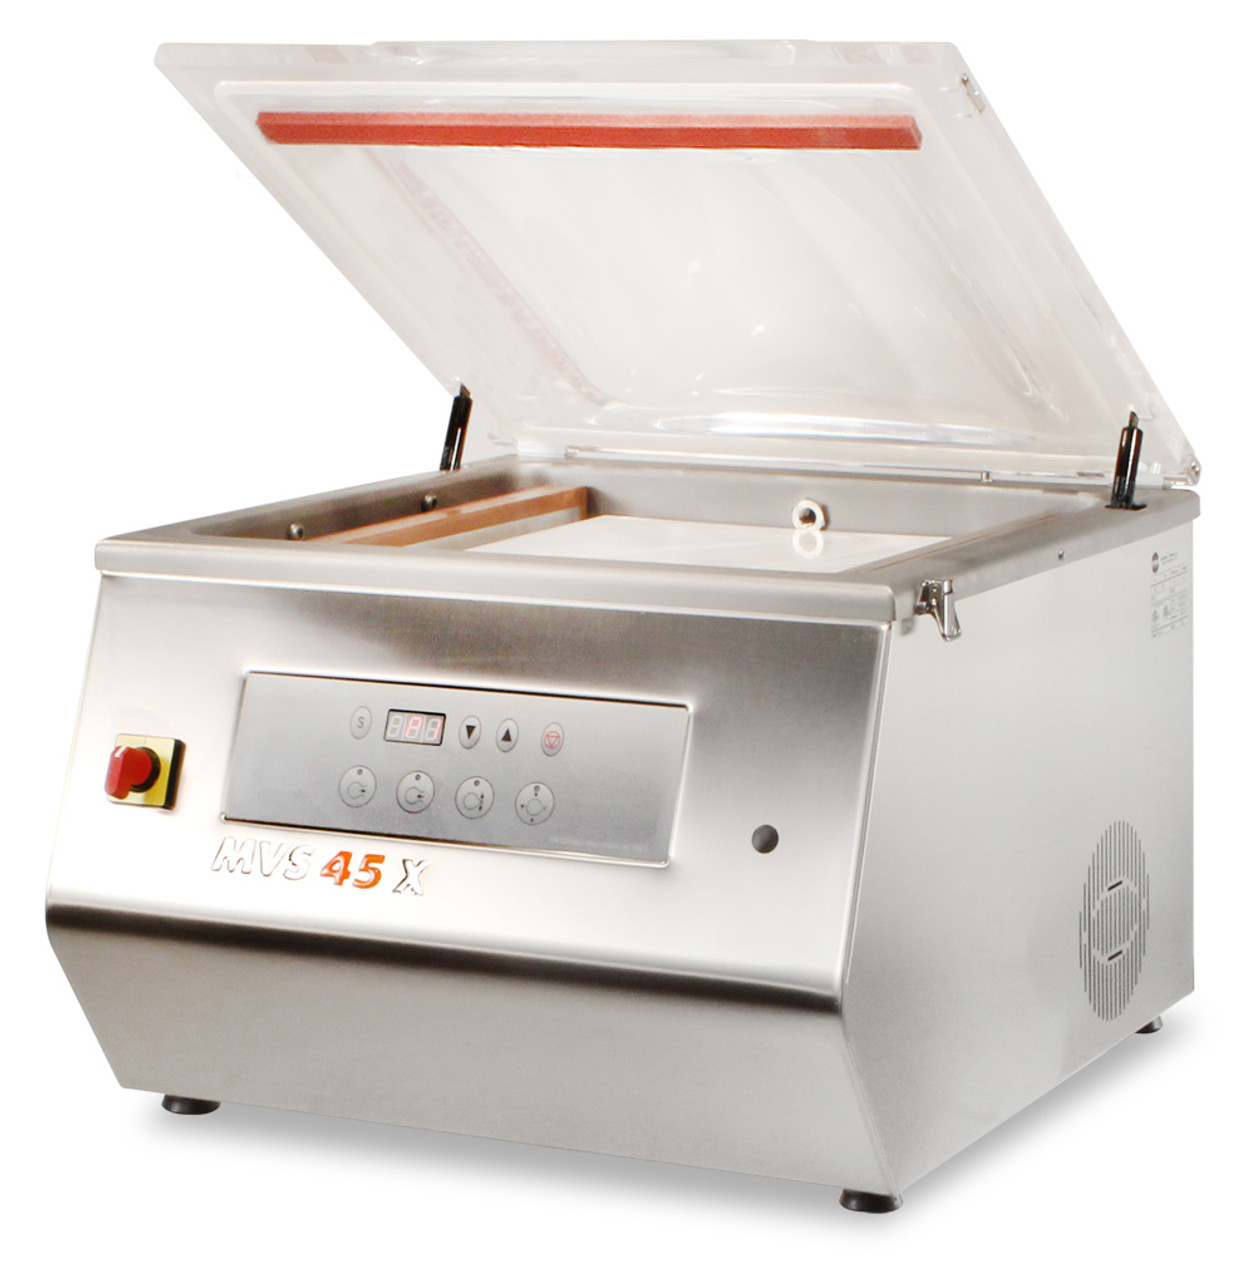 MiniPack MV 45 VacBasic   Chamber Vacuum Packing Machine